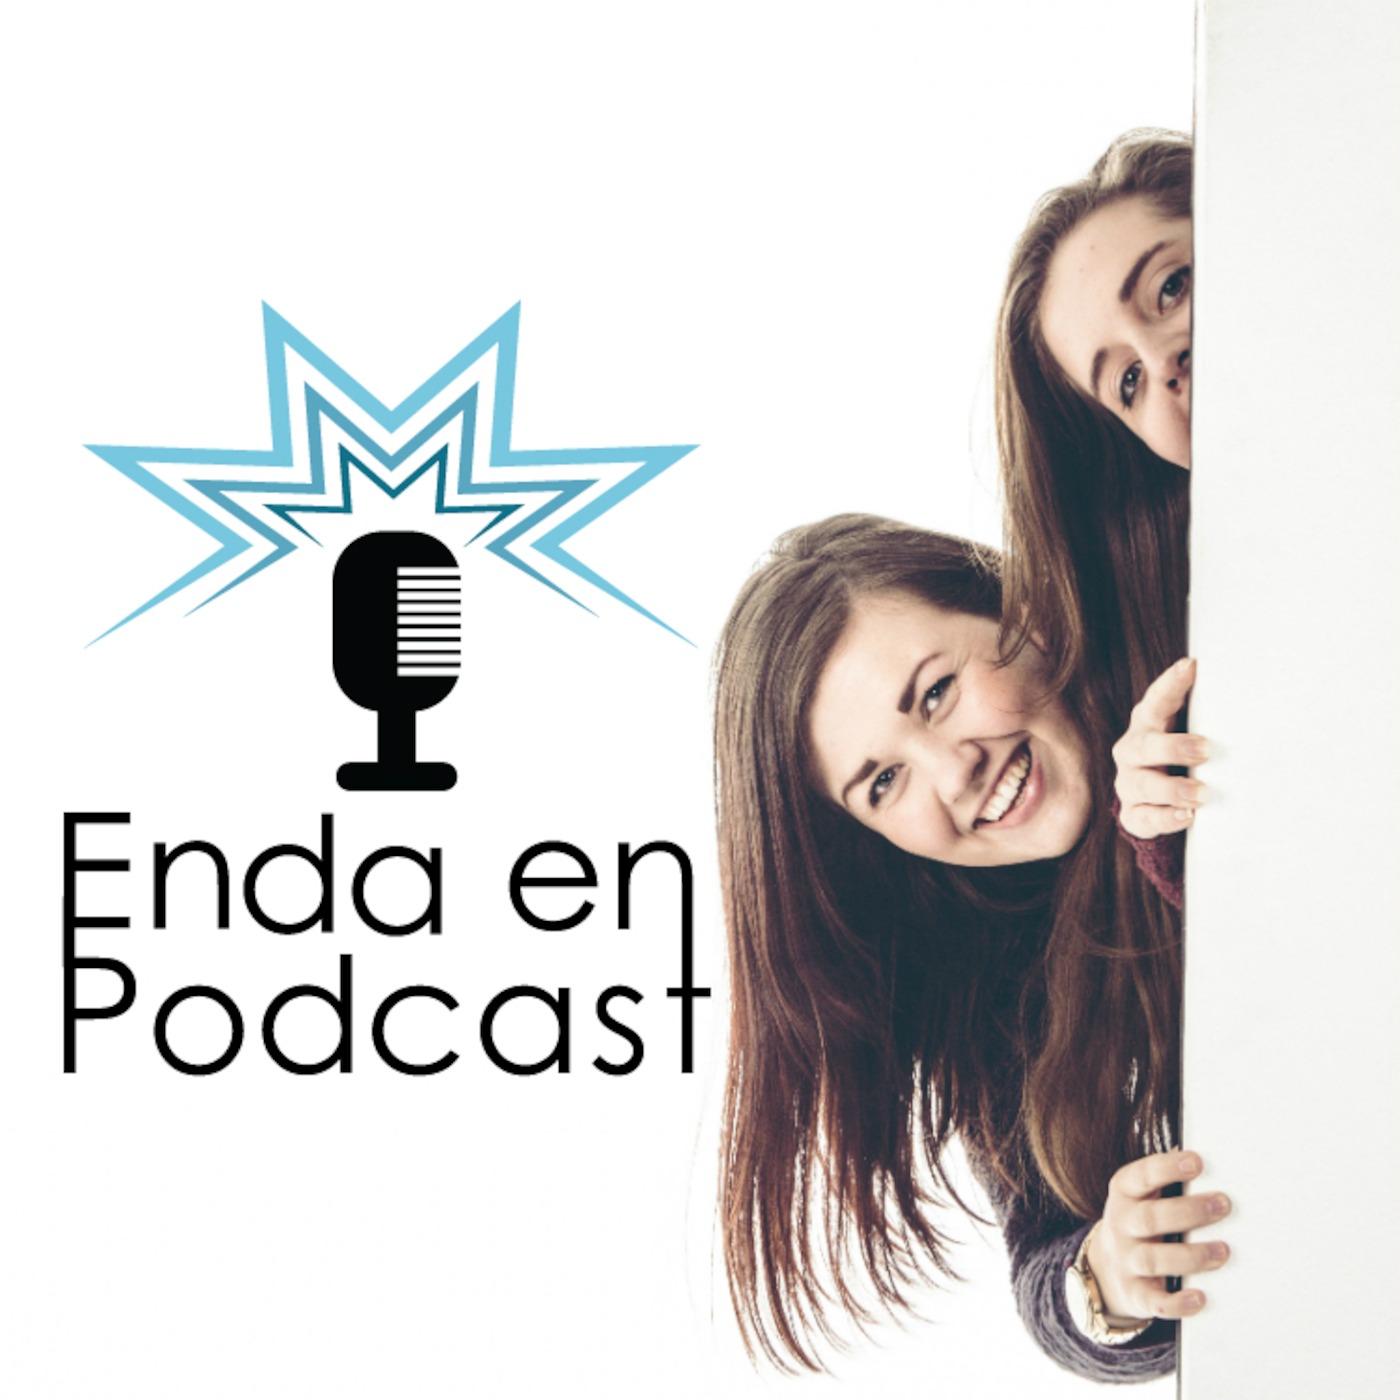 Enda en podcast's Podcast